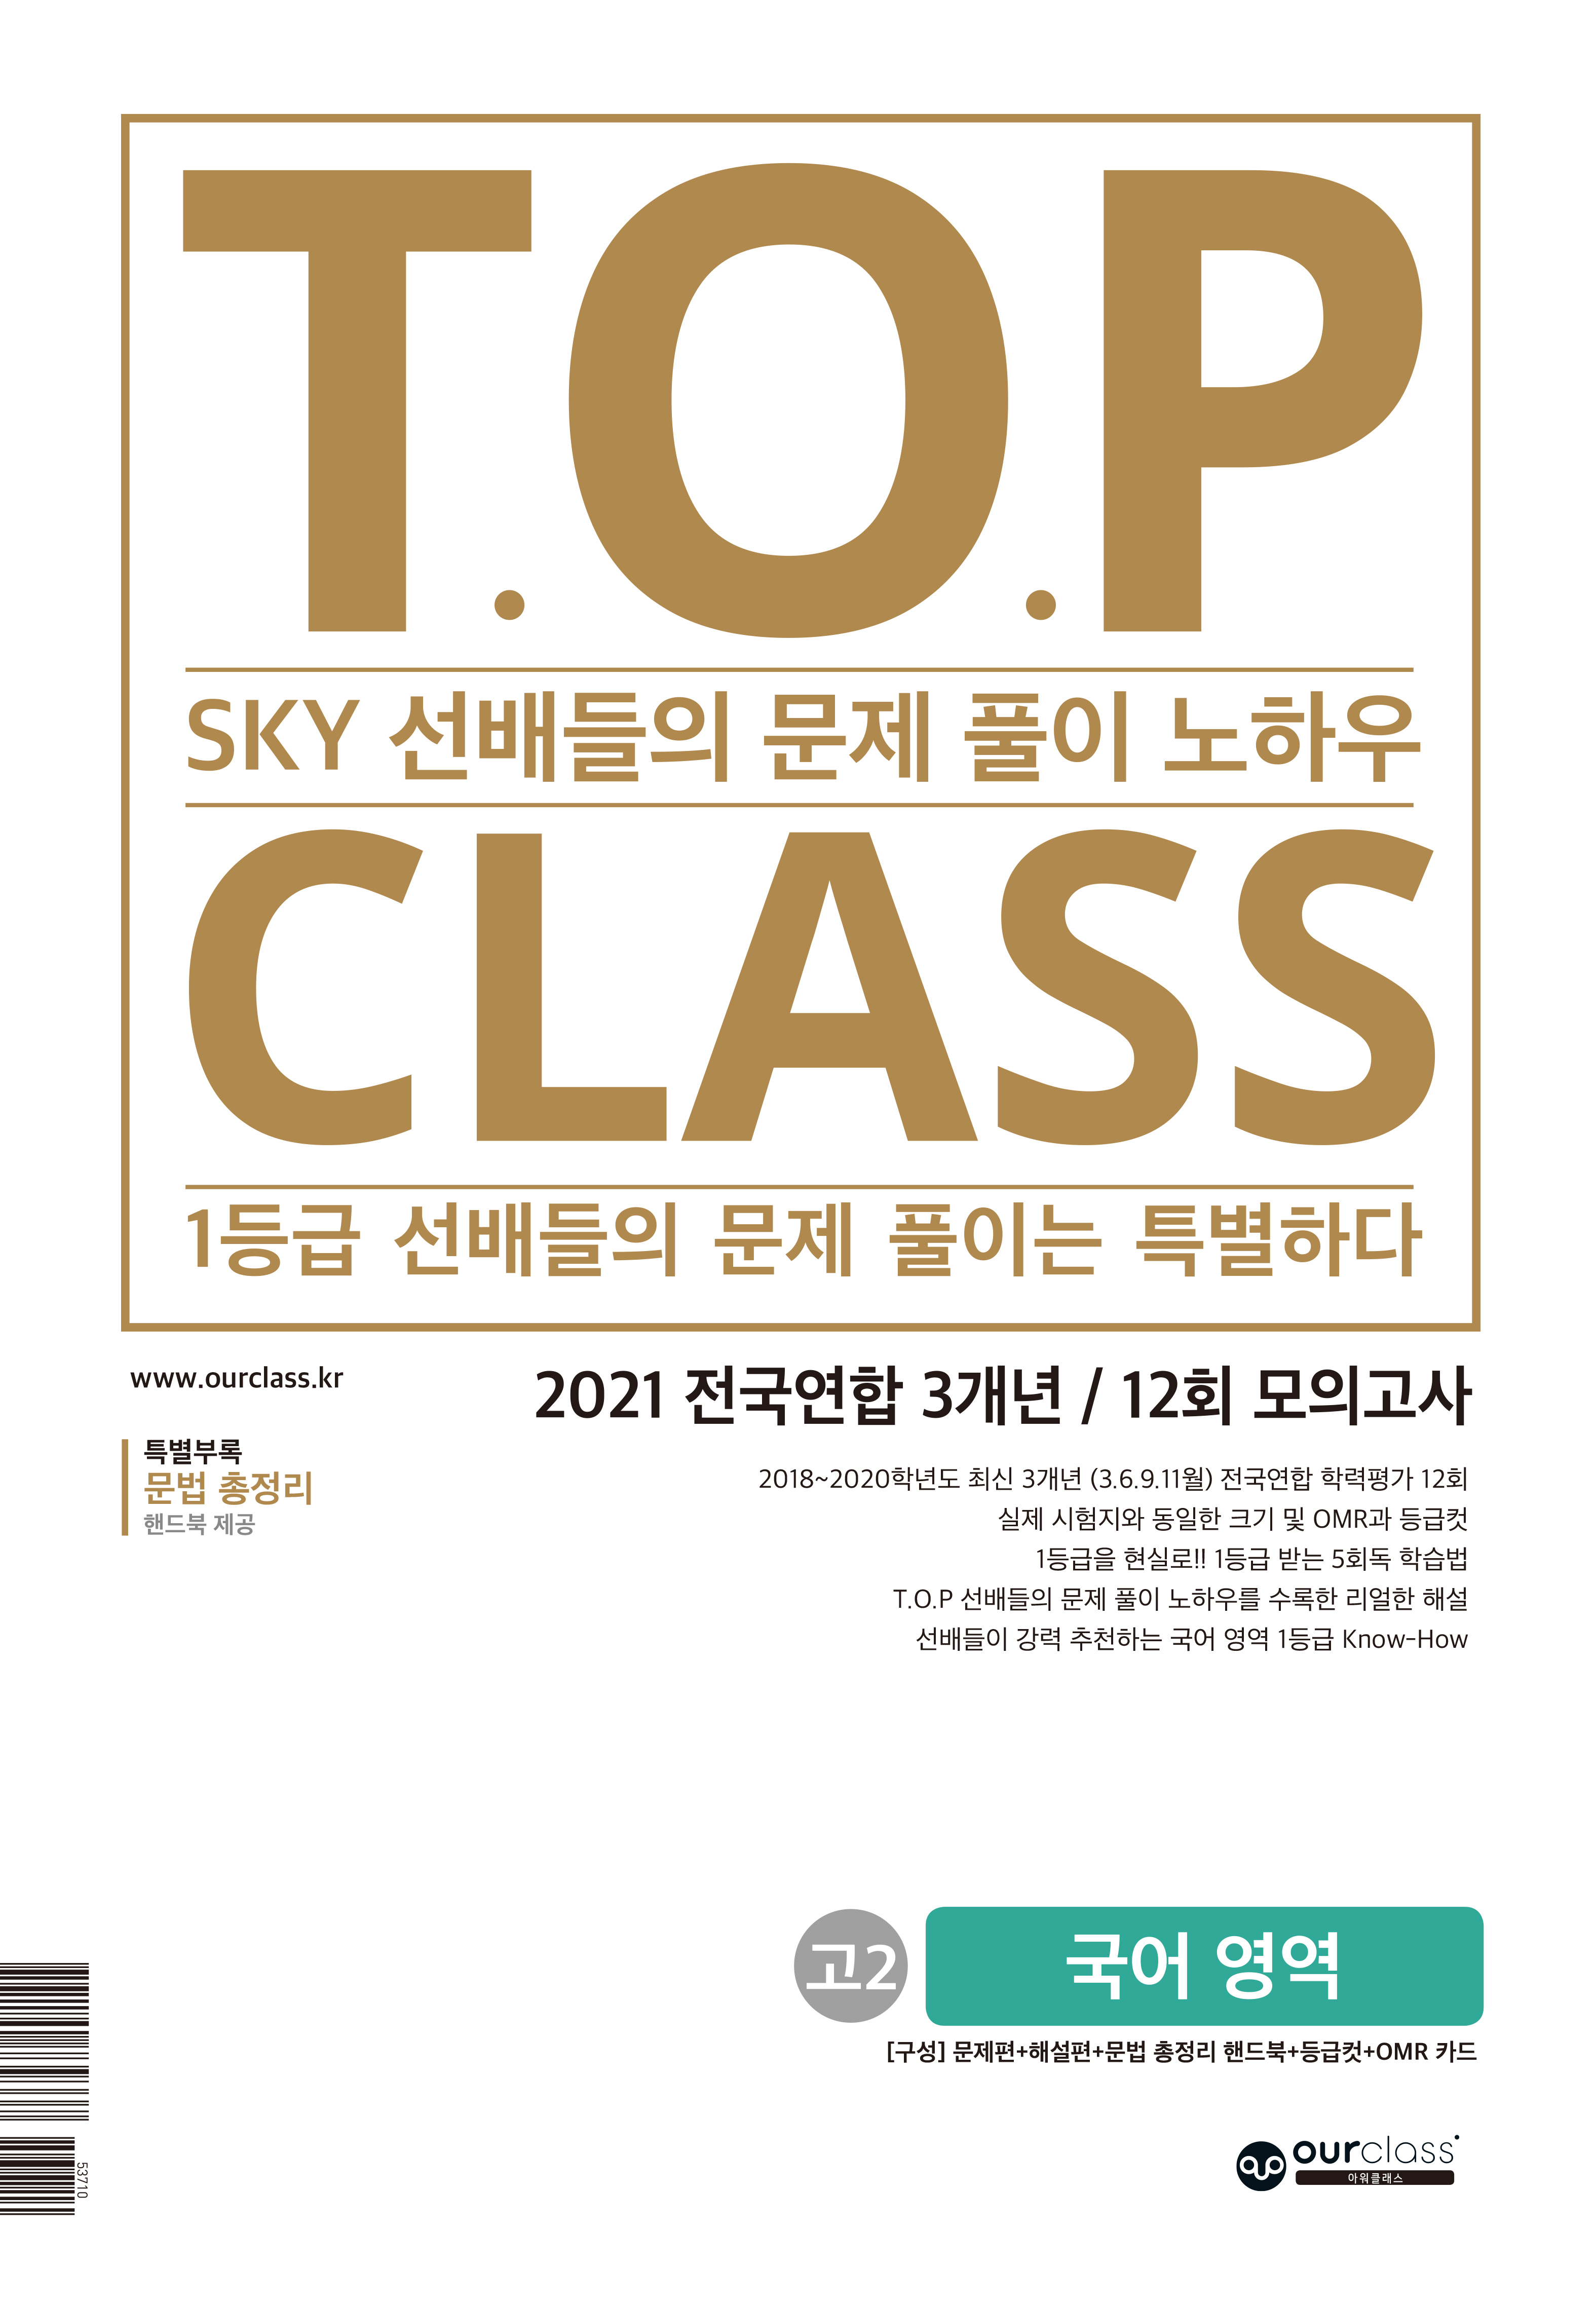 [고2 국어 영역]T.O.P CLASS : SKY 선배들의 문제 풀이 노하우